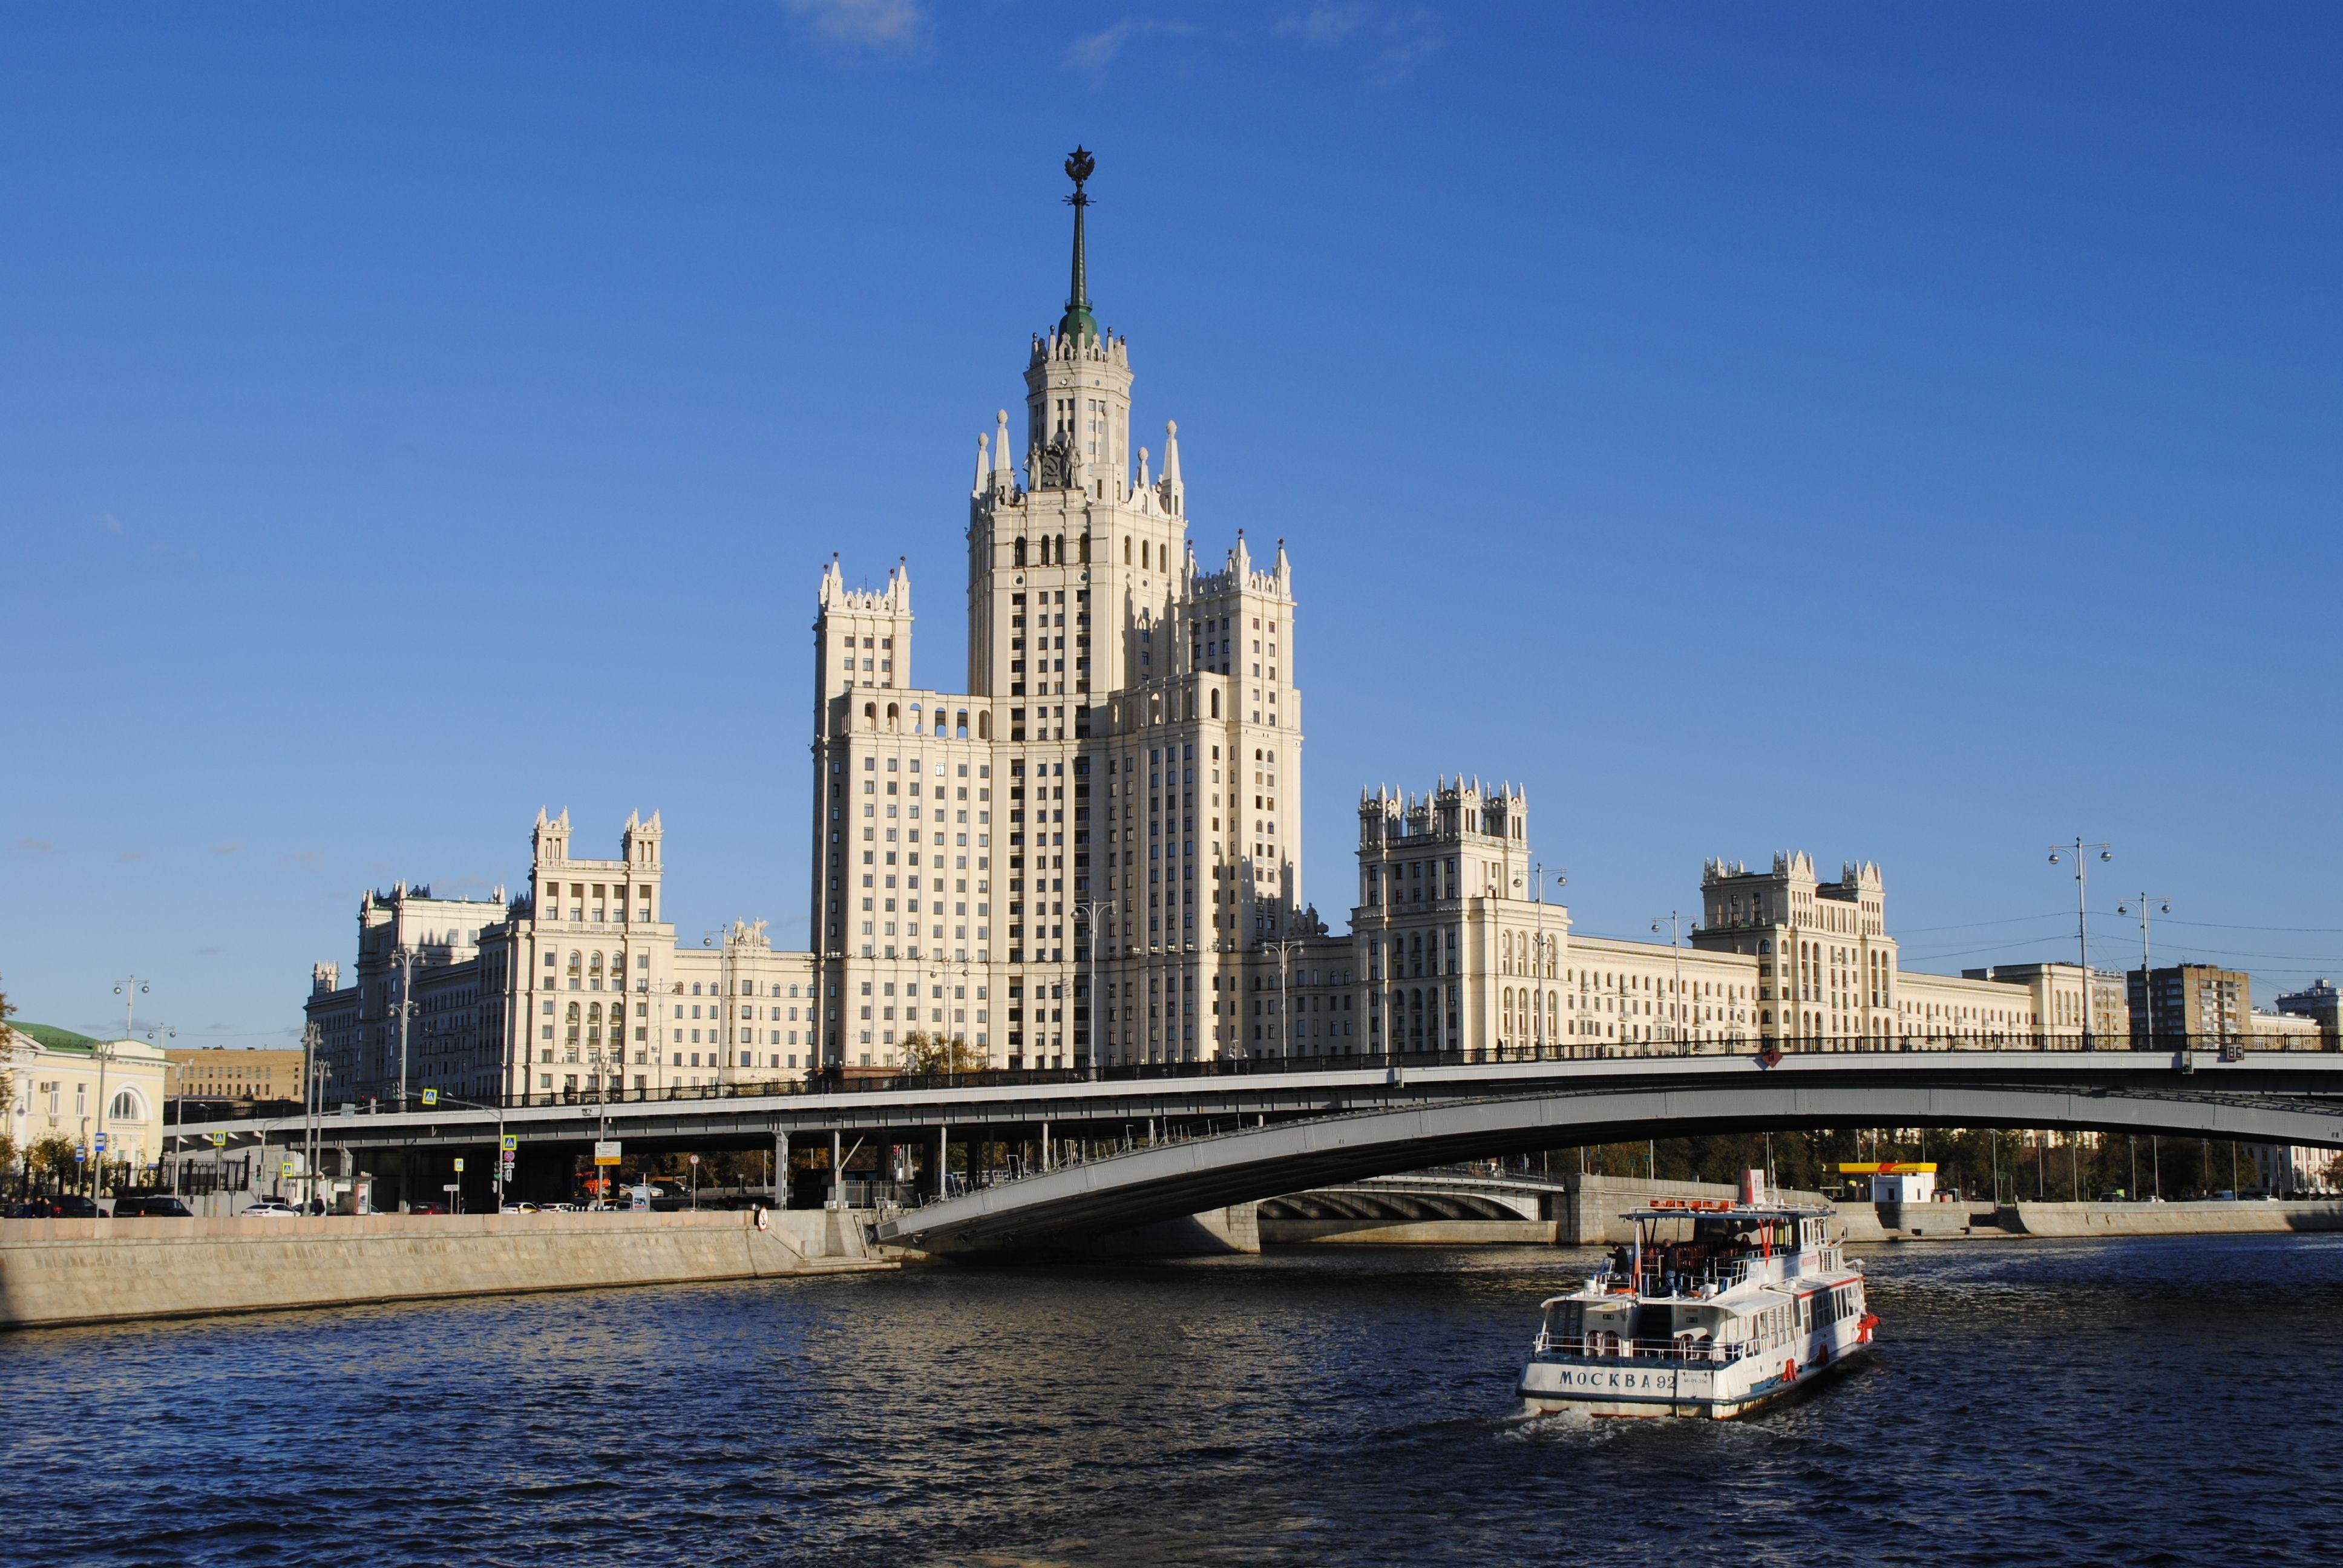 Прогулка по Москве-реке стала дешевле для владельцев «Тройки»